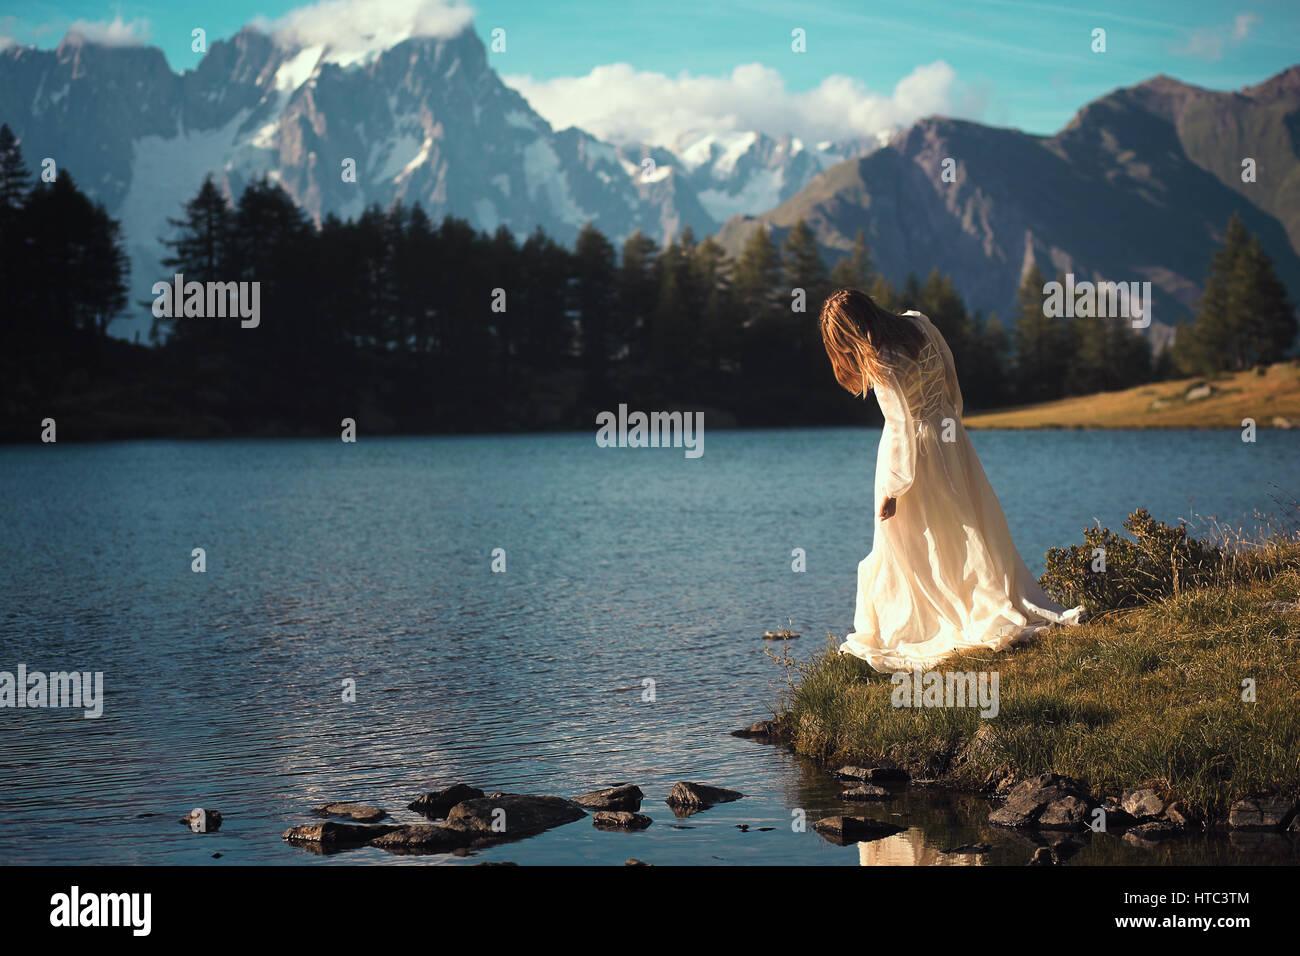 Frau posiert im Bergsee bei Sonnenuntergang. Romantisch und verträumt Stockbild